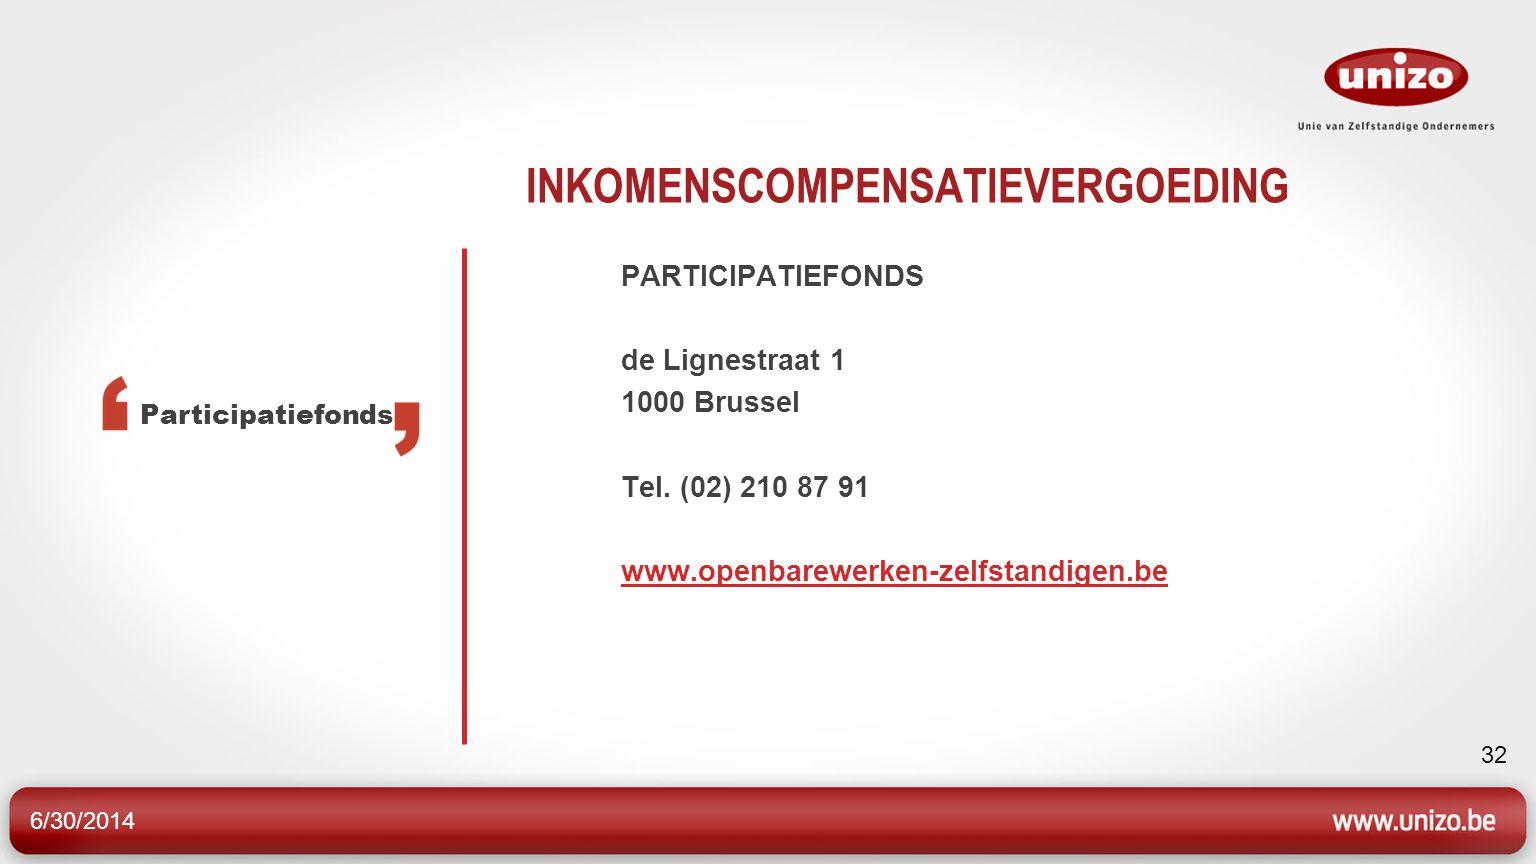 6/30/2014 32 INKOMENSCOMPENSATIEVERGOEDING PARTICIPATIEFONDS de Lignestraat 1 1000 Brussel Tel.